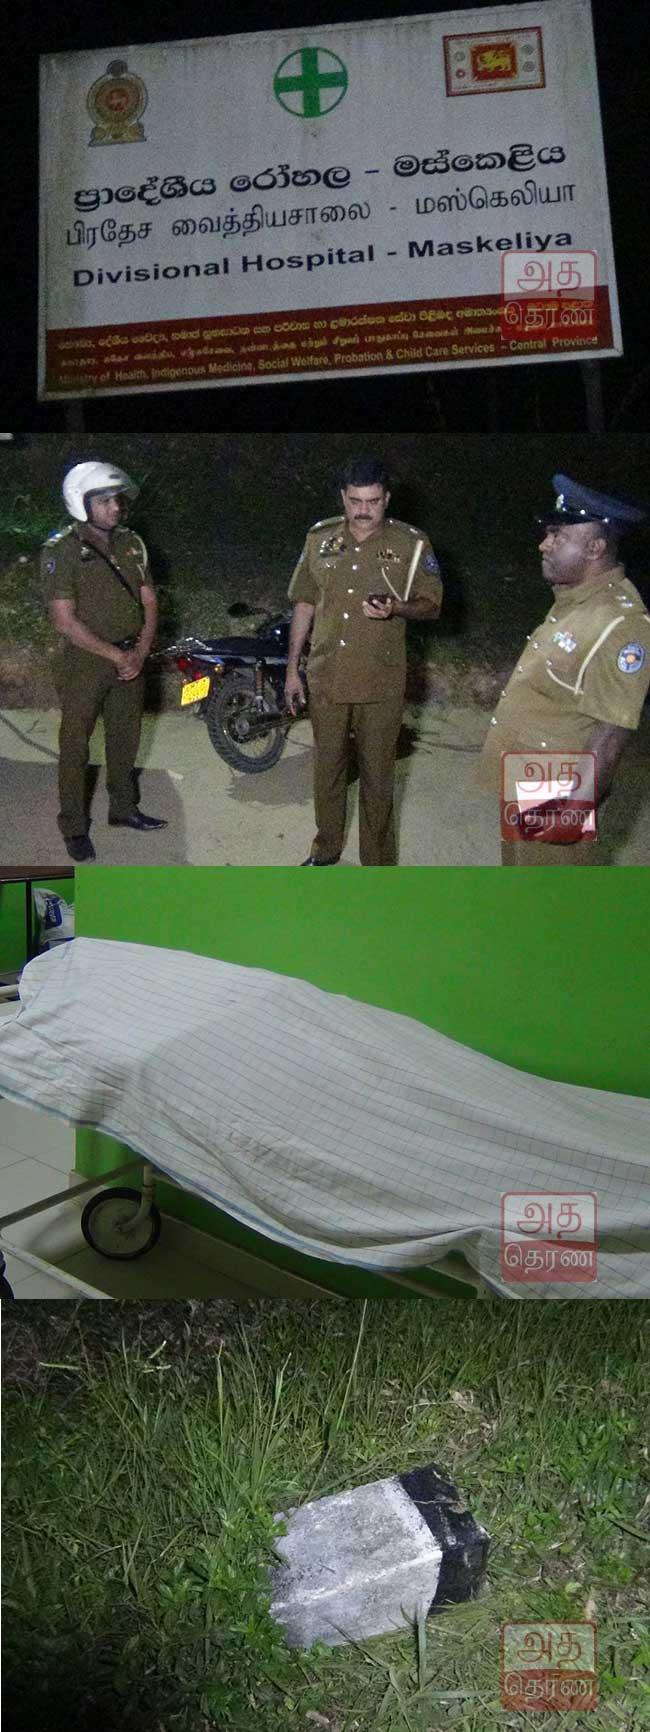 பேருந்தில் சிக்குண்டு பொலிஸ் உத்தியோகத்தர் பலி